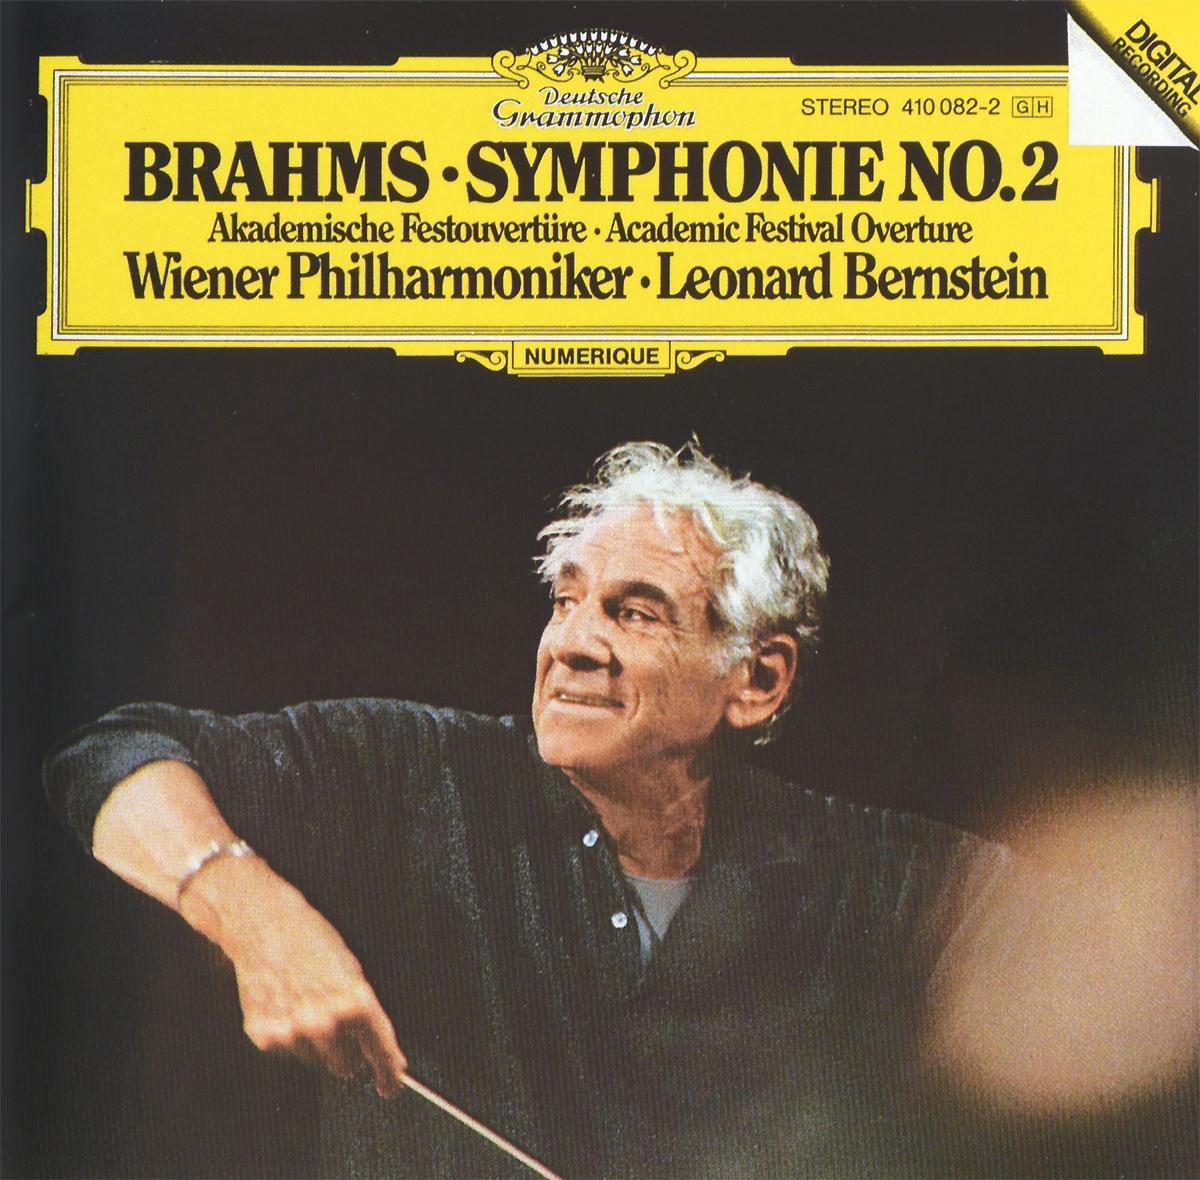 Леонард Бернштейн,Wiener Philharmoniker Leonard Bernstein. Brahms. Symphonie No. 2 / Akademische Festouverture münchner philharmoniker elbphilharmonie hamburg